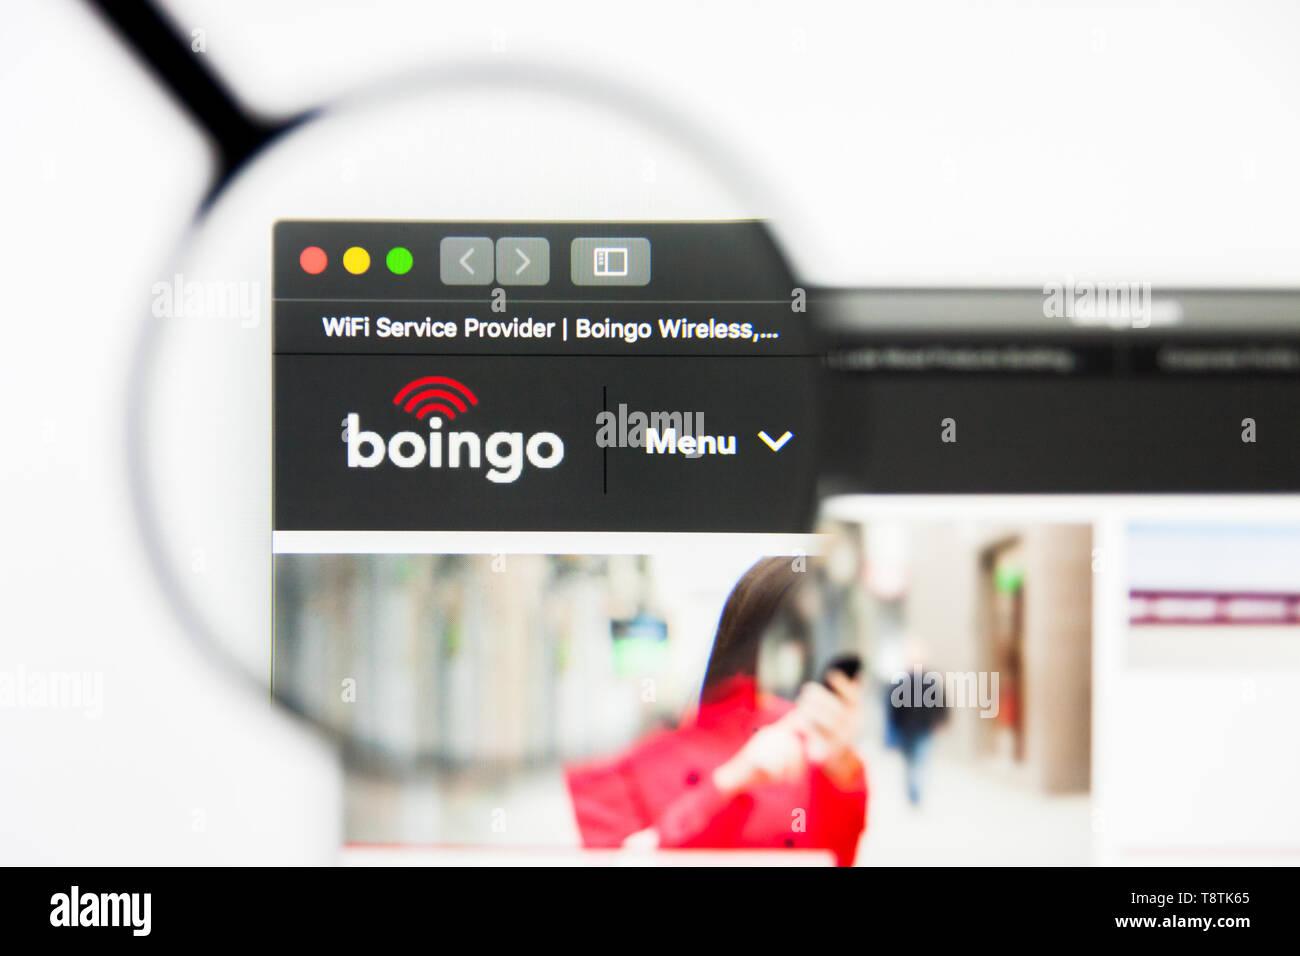 Boingo Stock Photos & Boingo Stock Images - Alamy